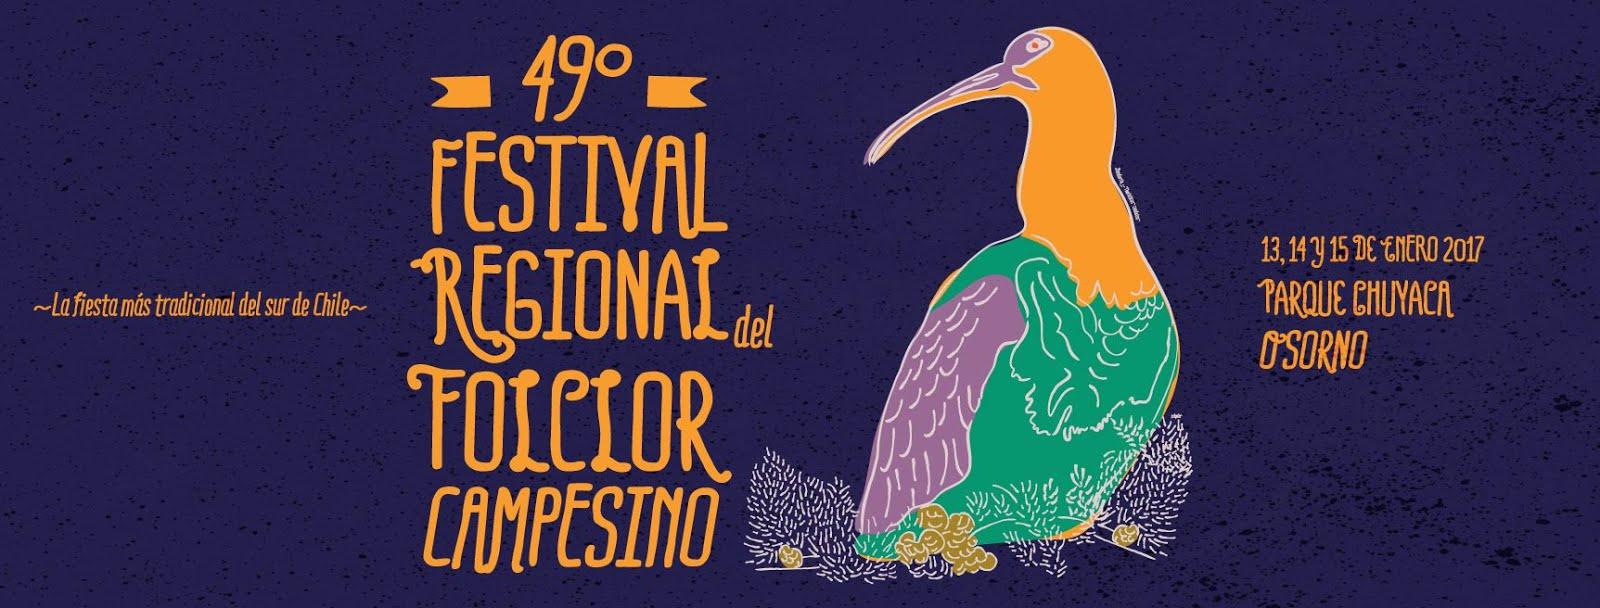 49° Festival del Folclor Campesino